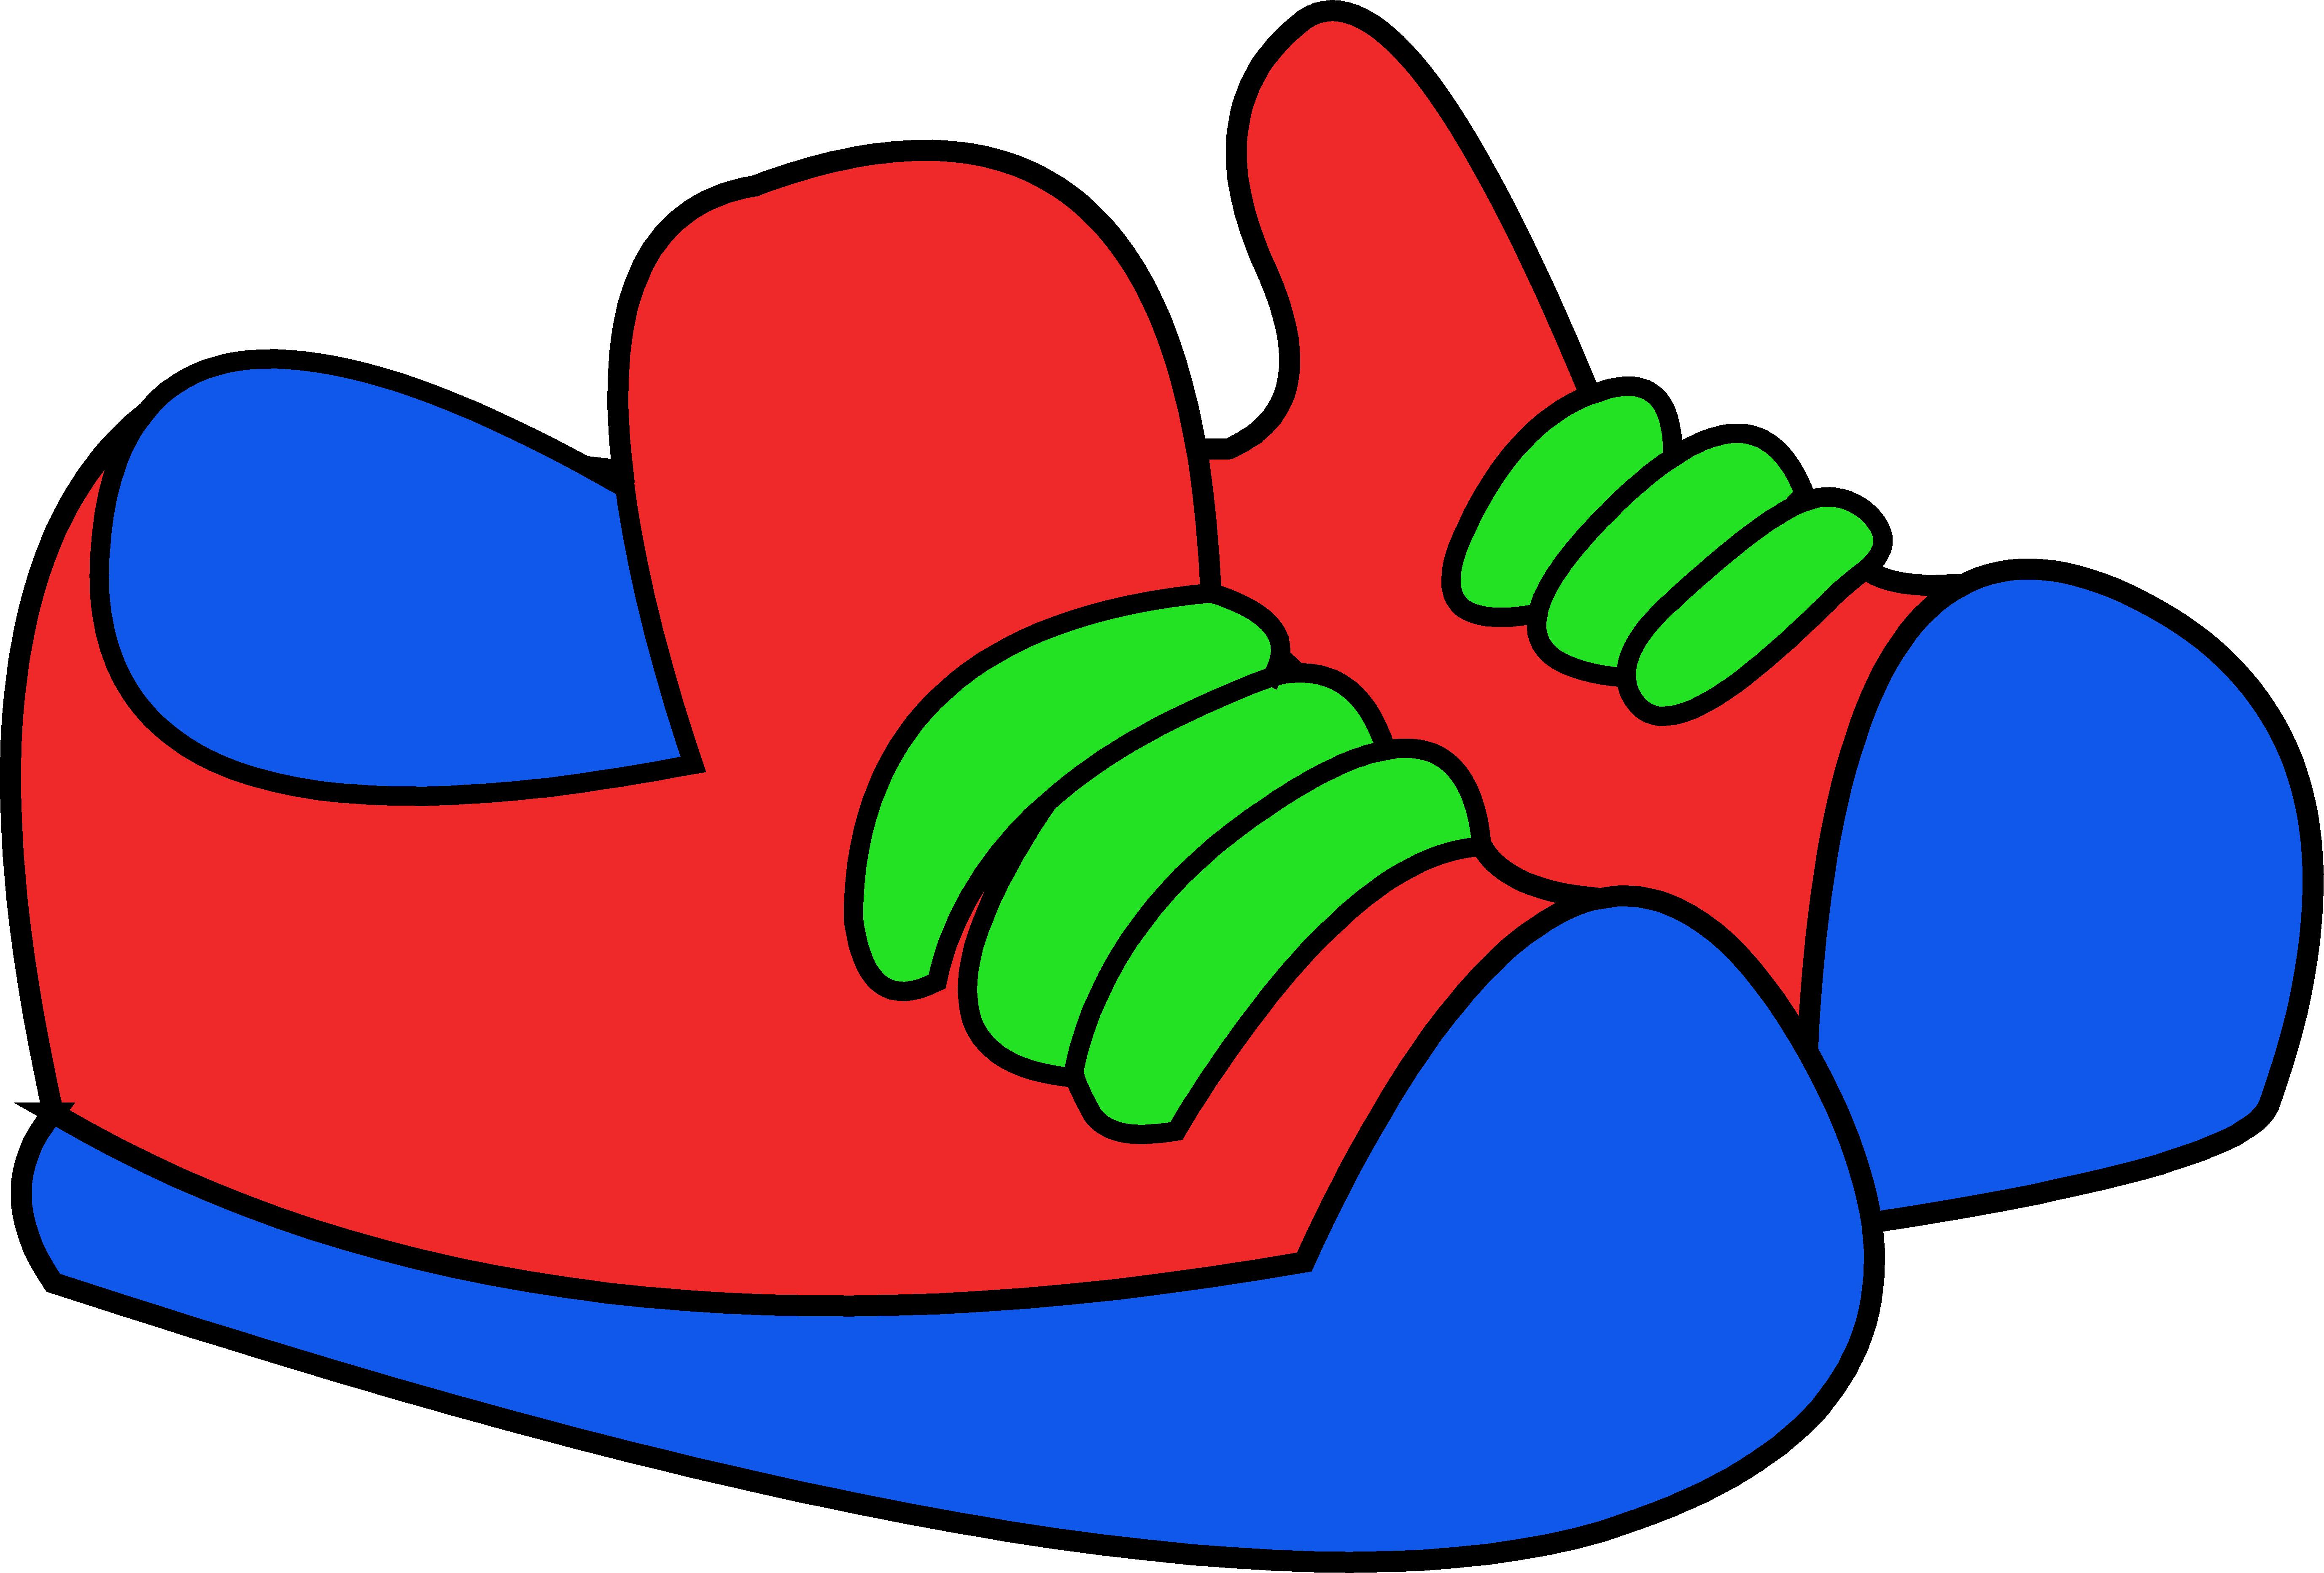 Shoe Clipart-shoe clipart-12